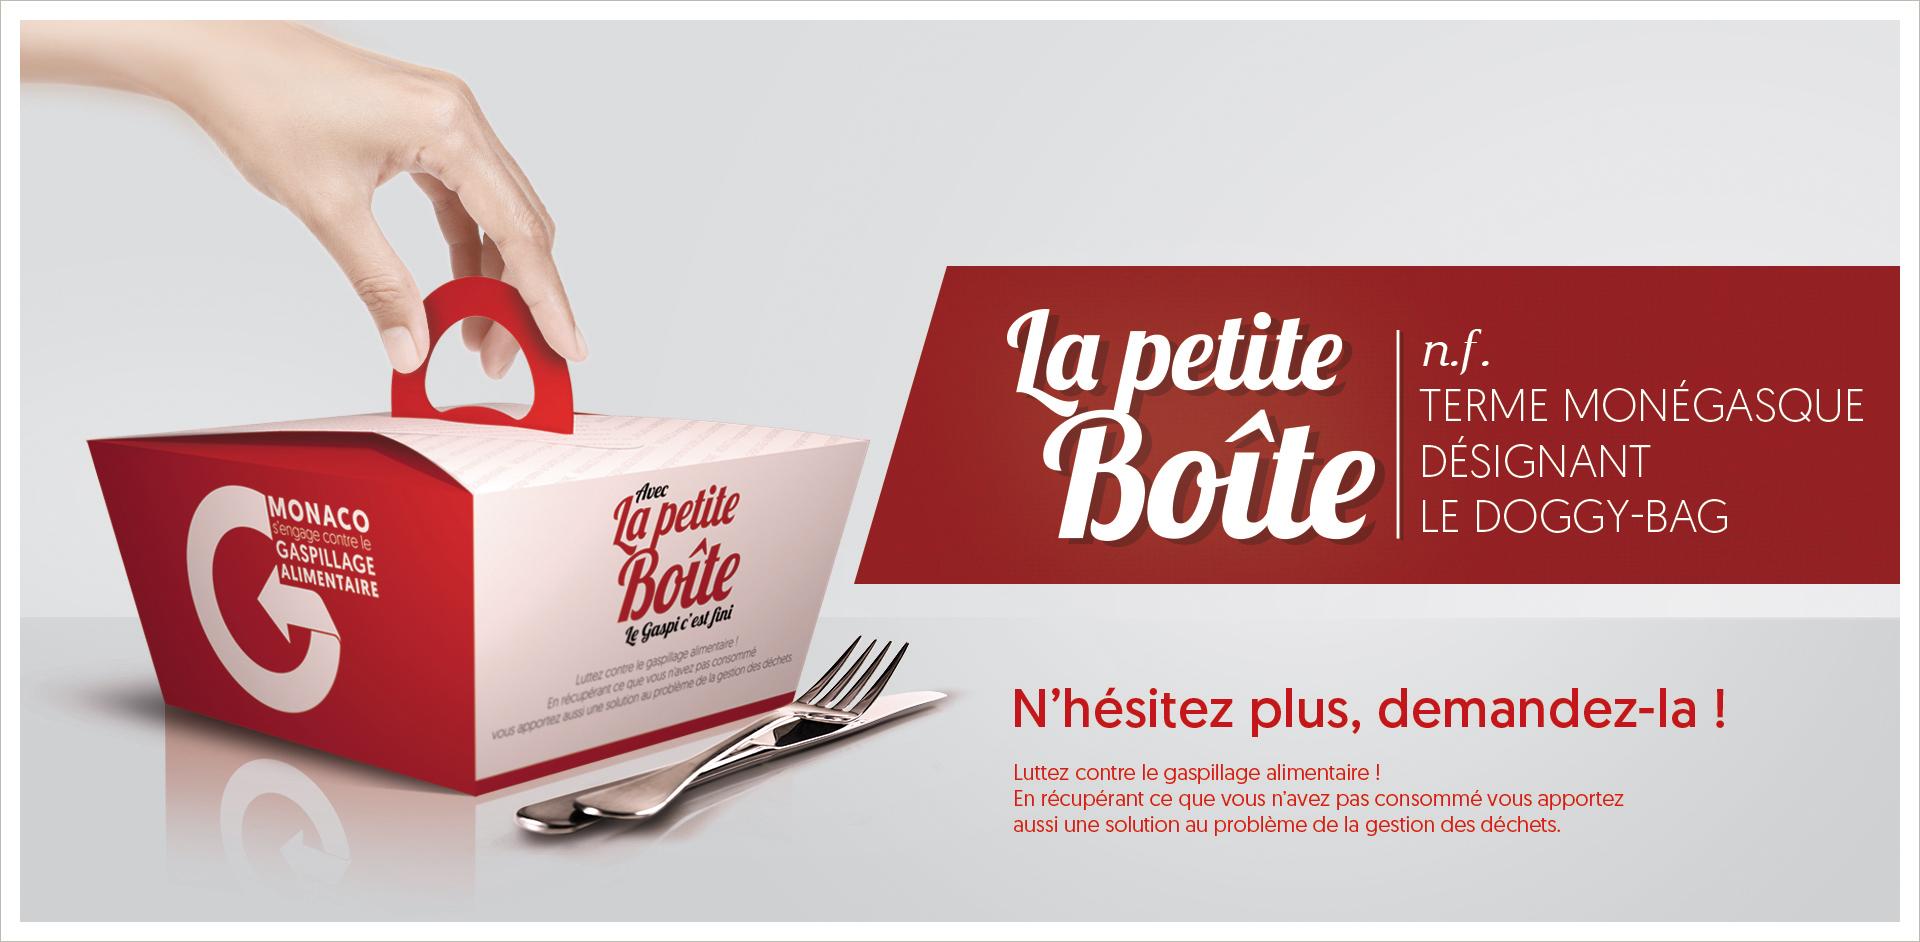 Boite_Gaspillage_Alimentaire_Monaco_01